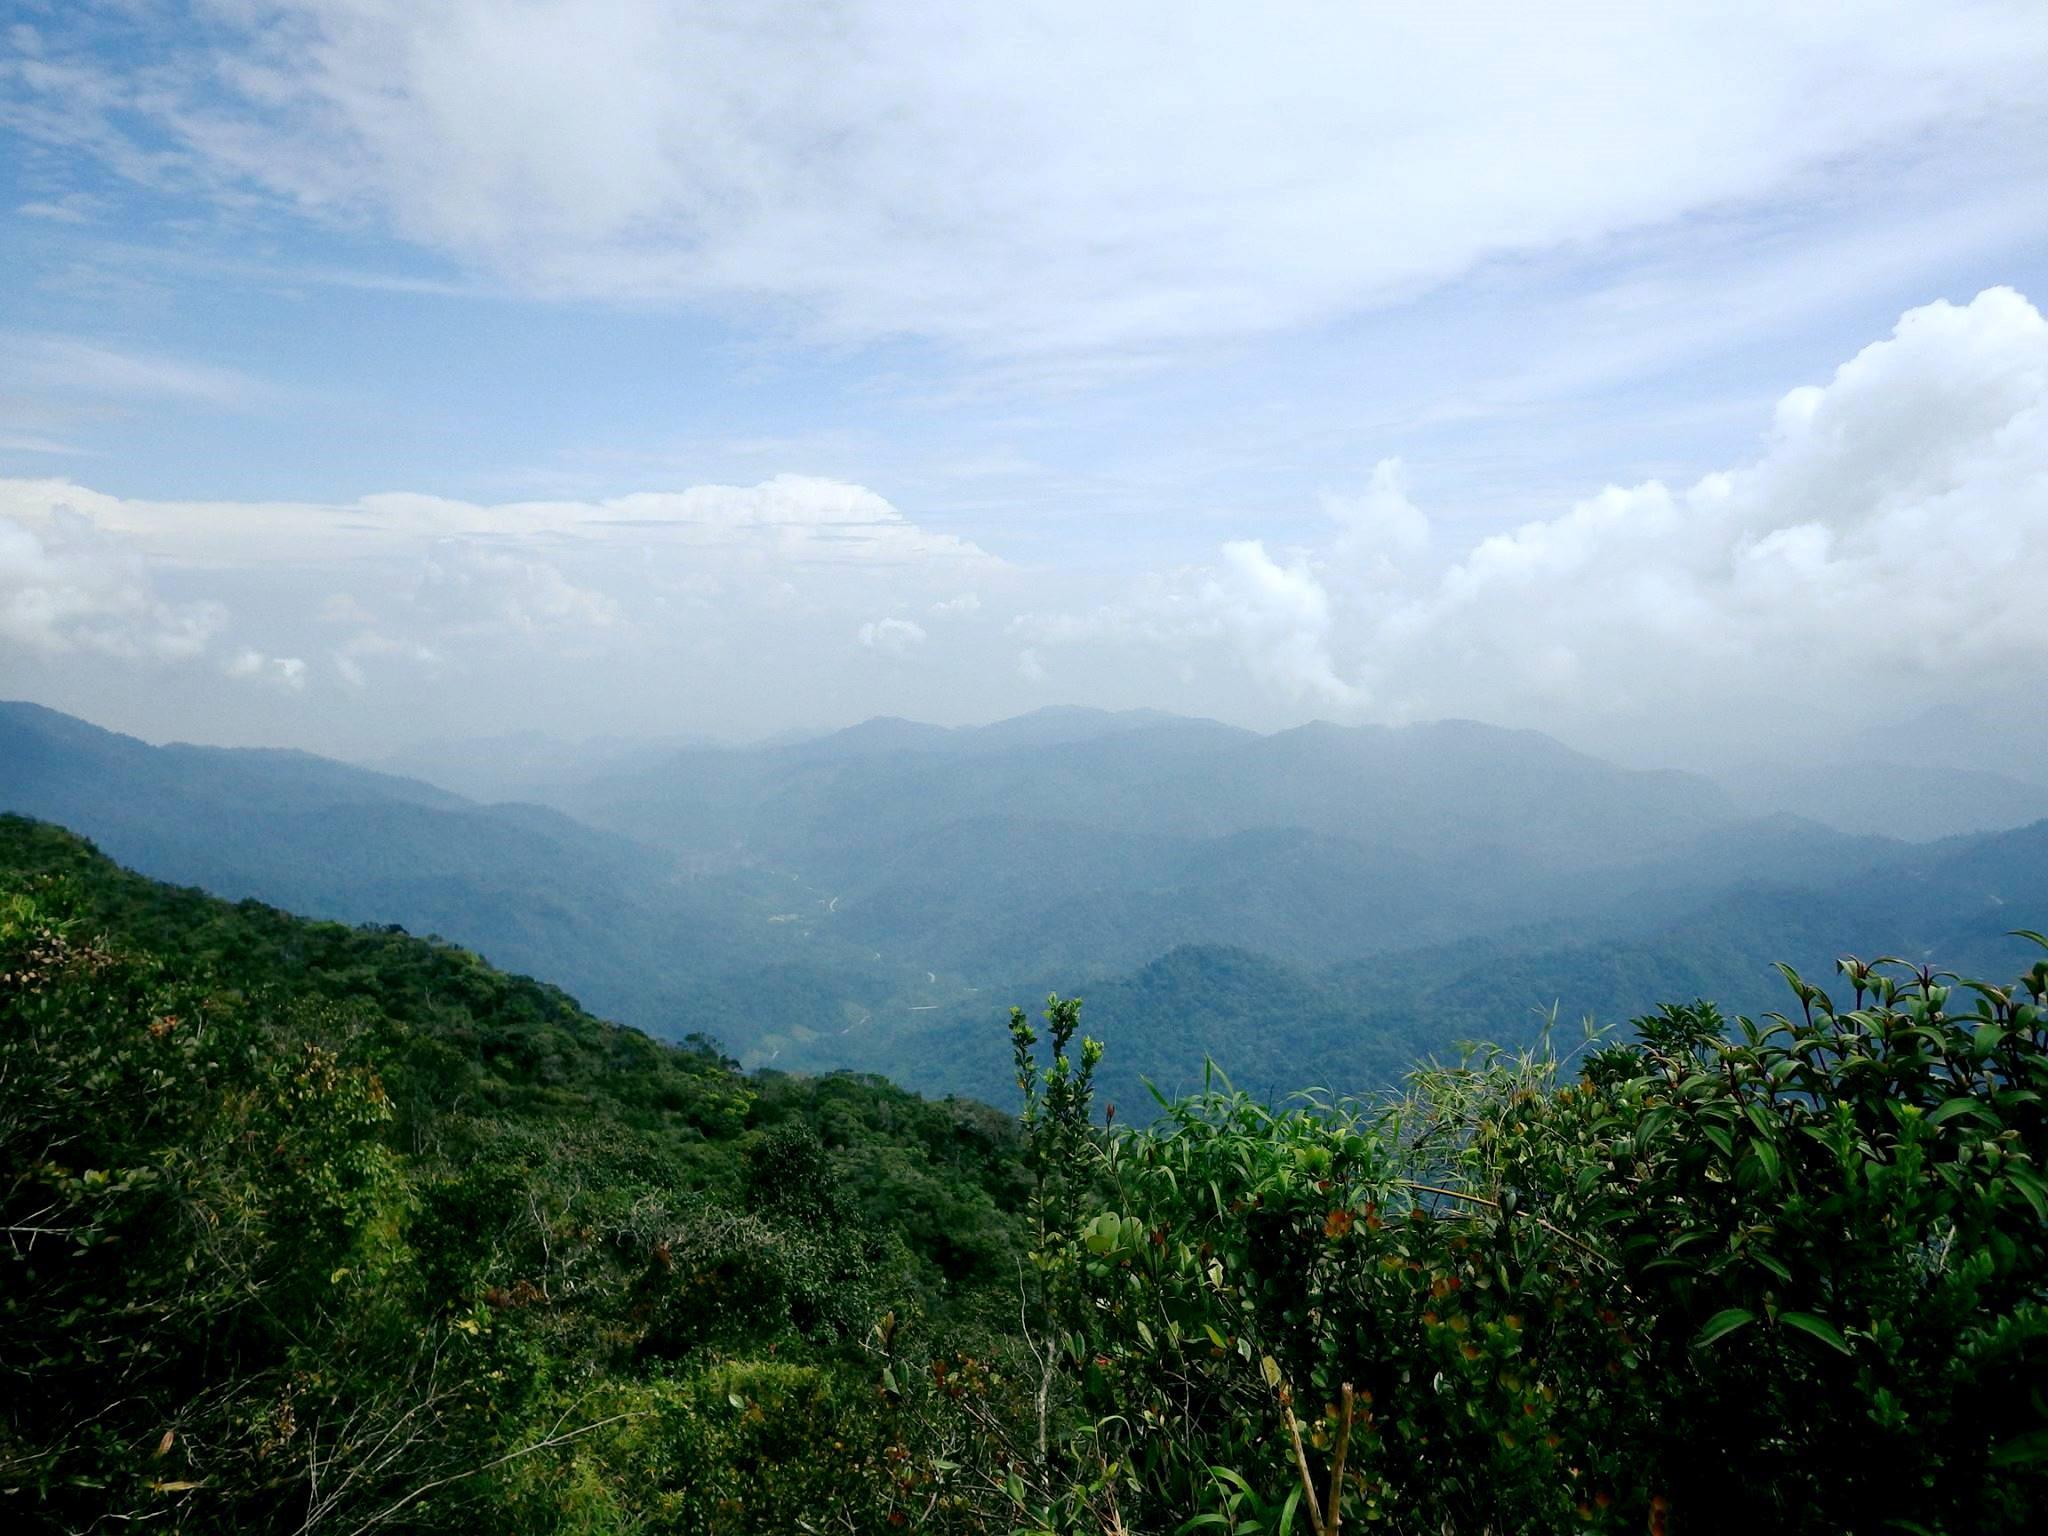 Gunung suku, peak, mount suku, hiking, hike